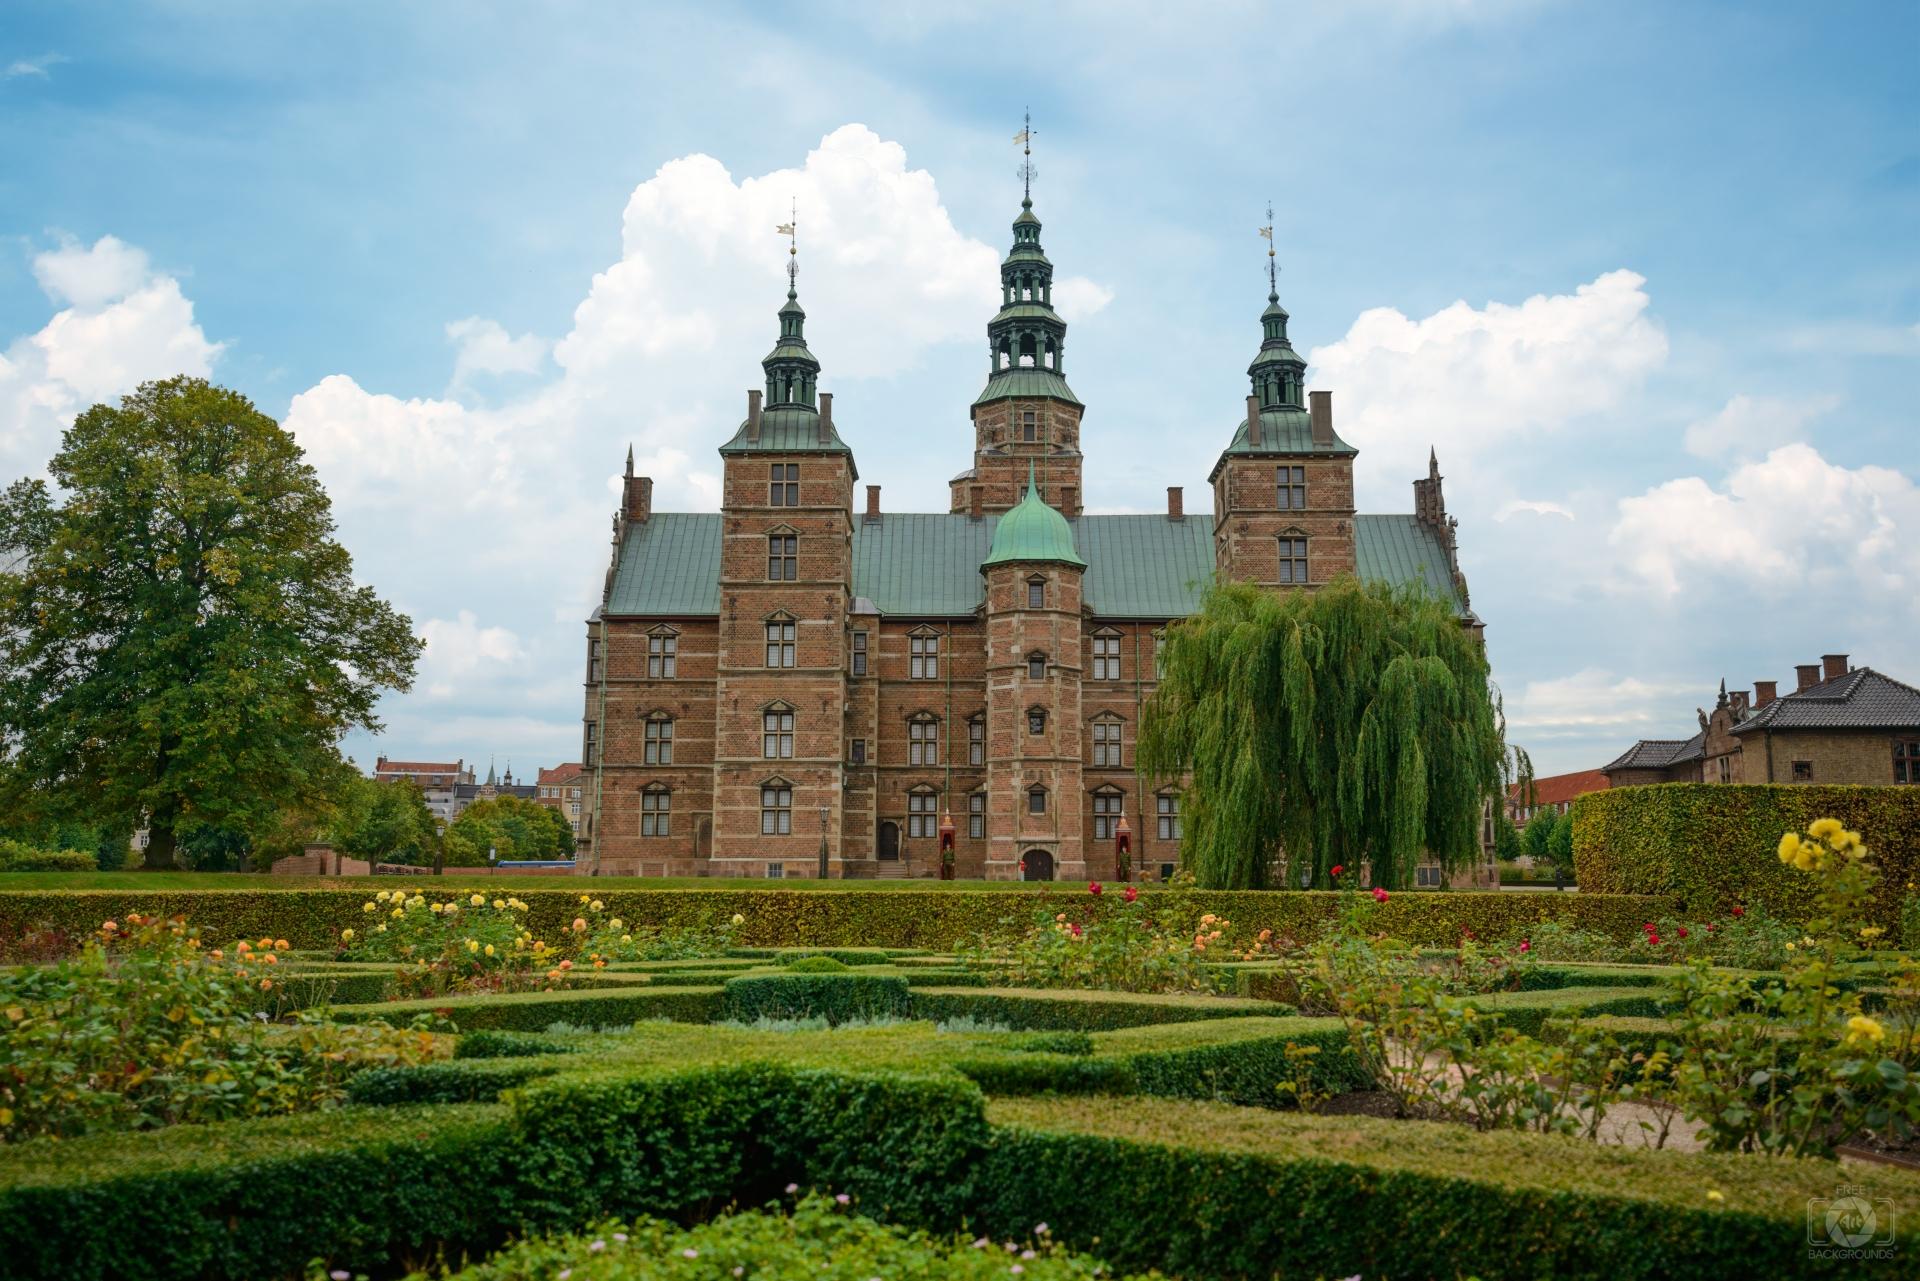 Rosenborg Castle Copenhagen Denmark Background   High quality 1920x1281